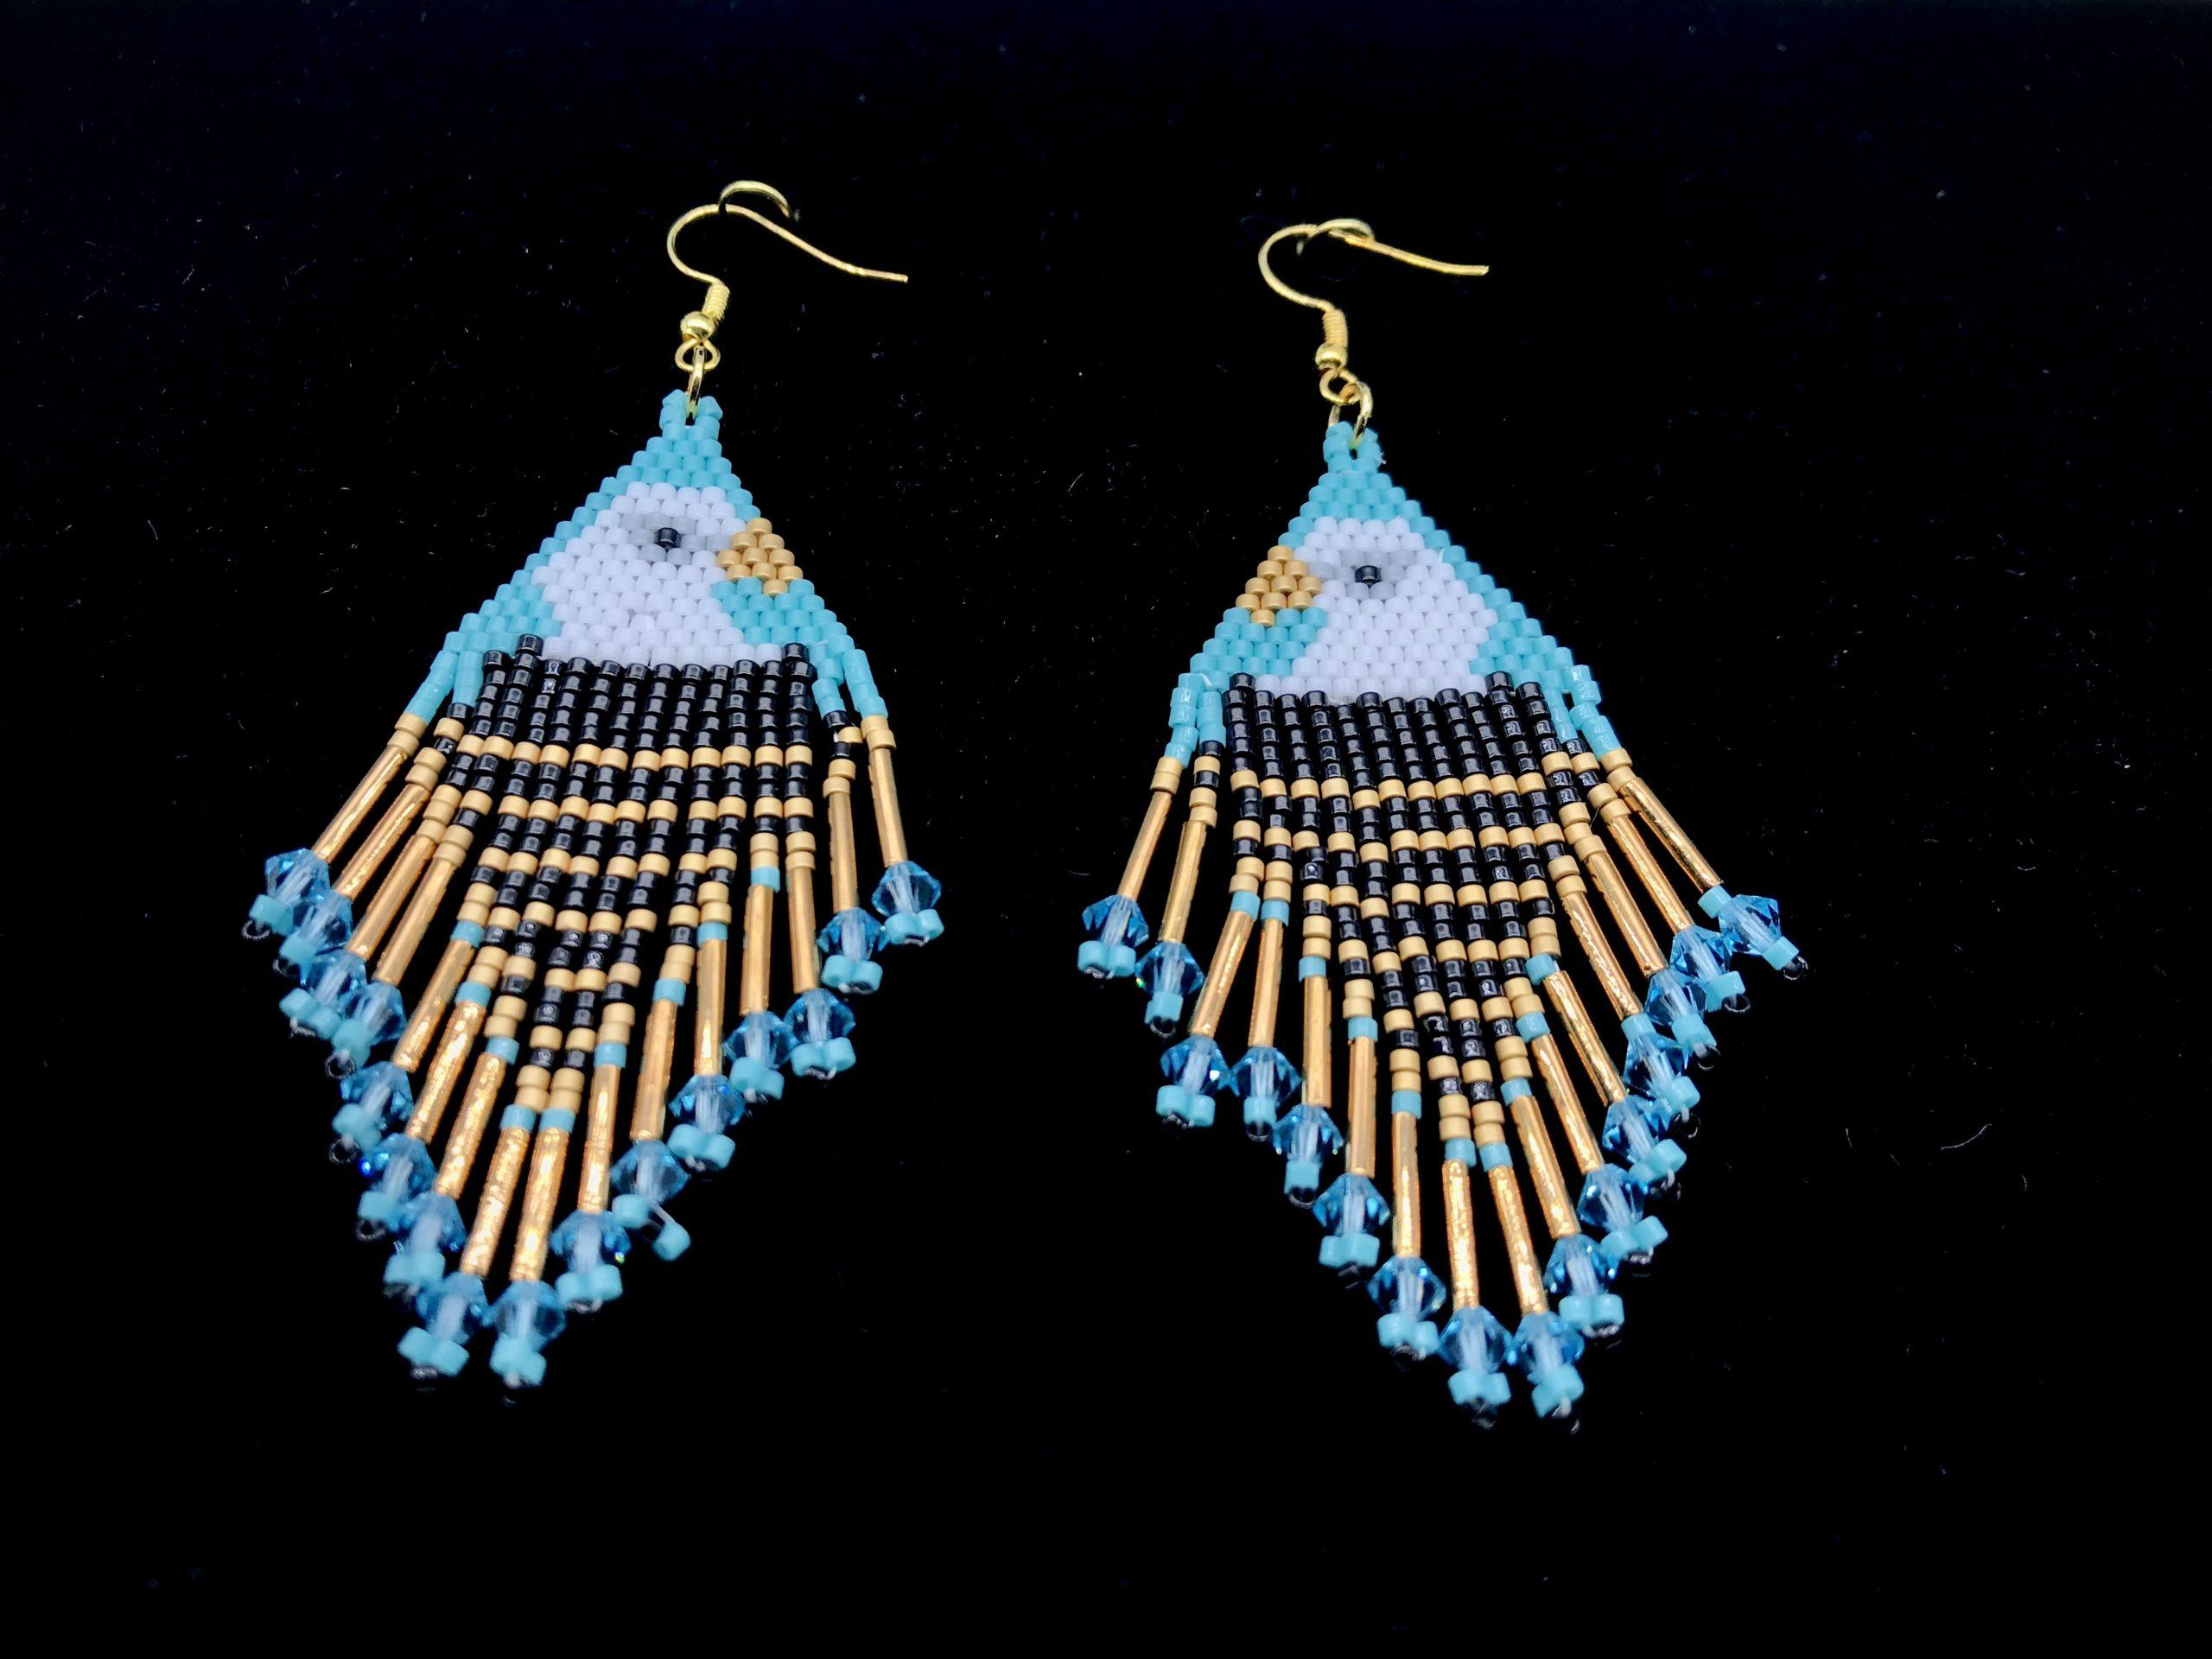 Bald Eagle Earrings